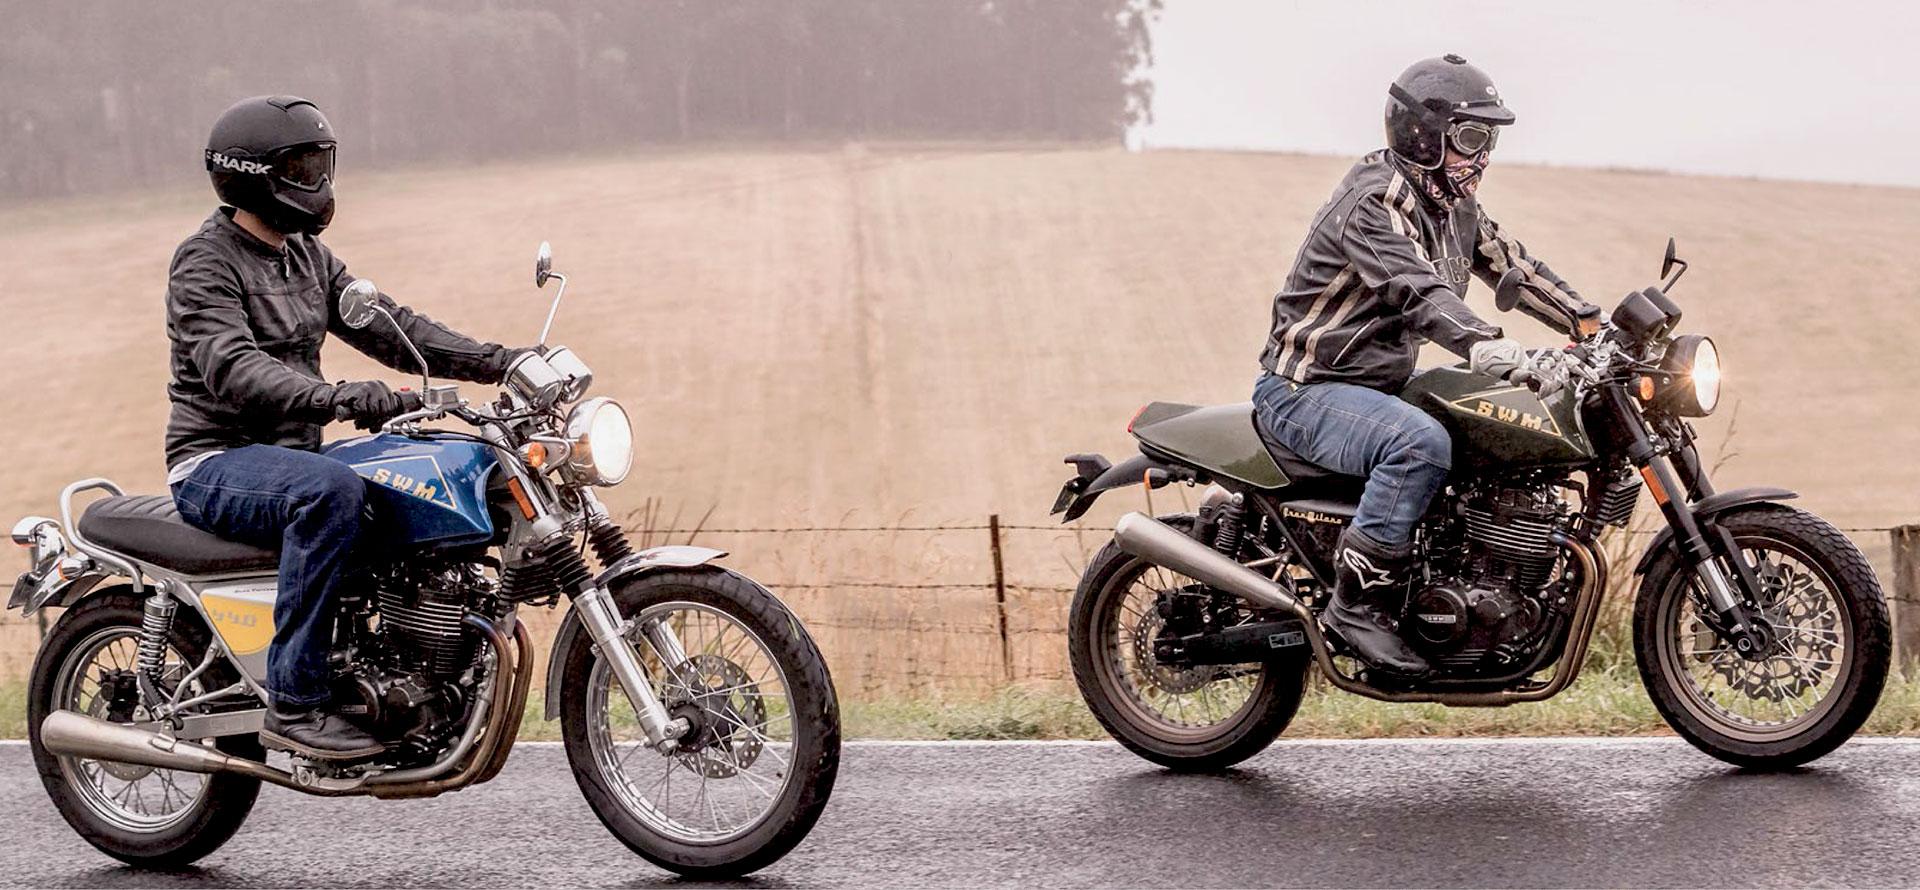 SWM Silver Vase 440 scrambler review - Motorbike Writer